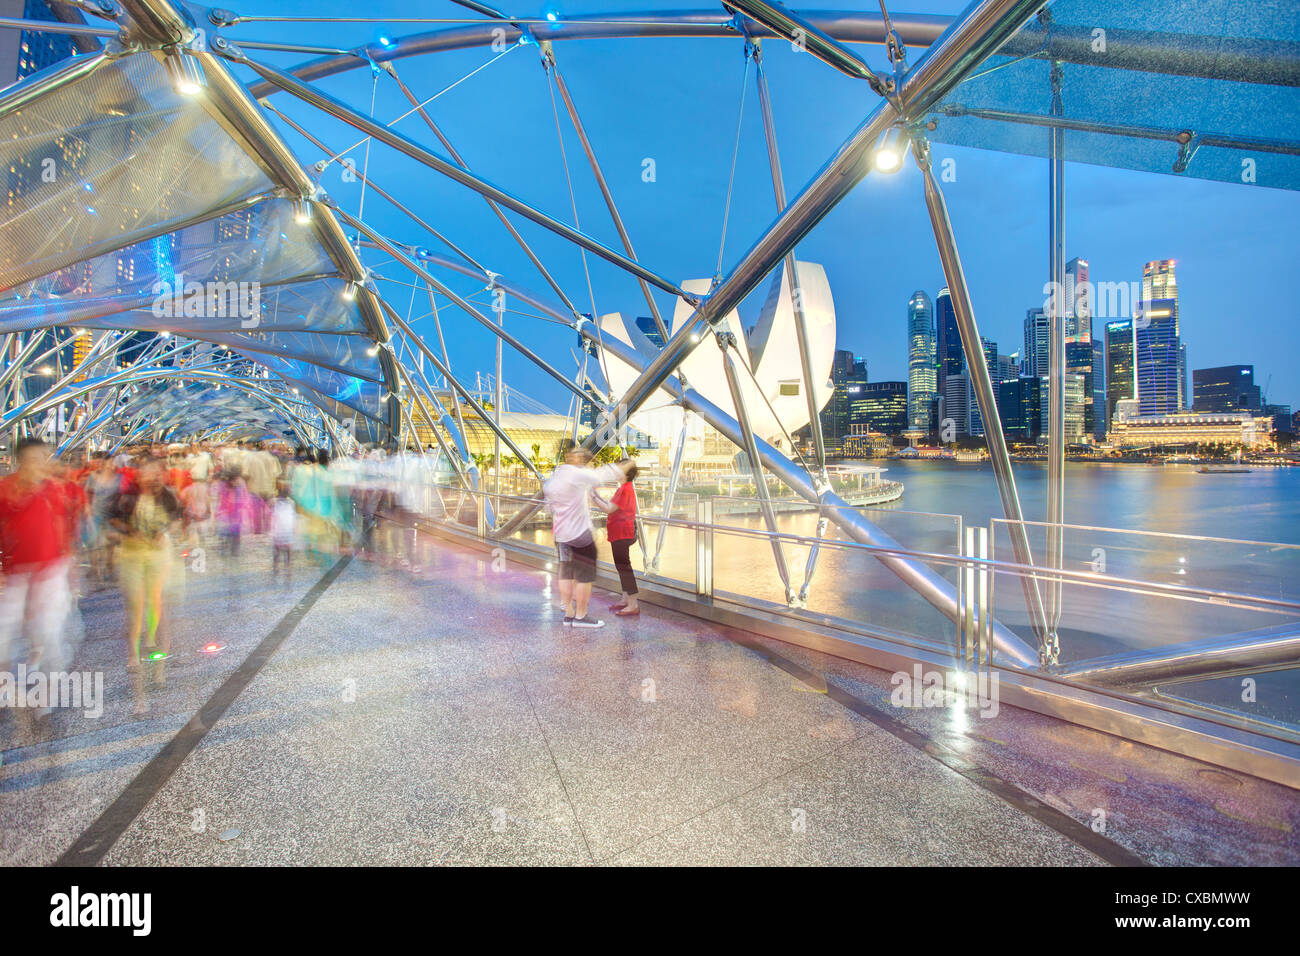 Die Helix-Brücke und Marina Bay Sands, Marina Bay, Singapur, Südostasien, Asien Stockbild